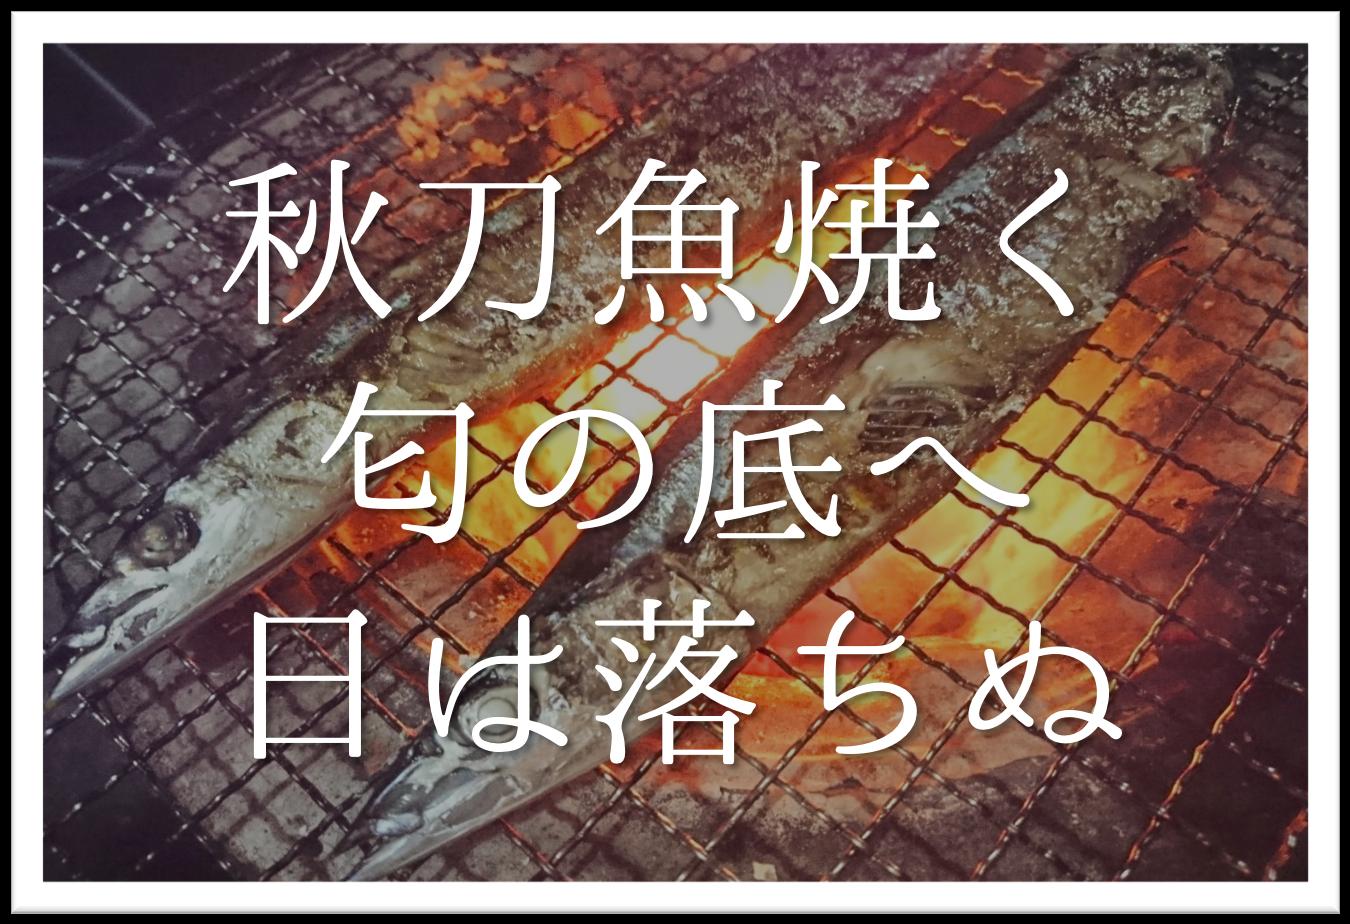 【秋刀魚焼く匂の底へ日は落ちぬ】俳句の季語や意味・表現技法・鑑賞文・作者など徹底解説!!